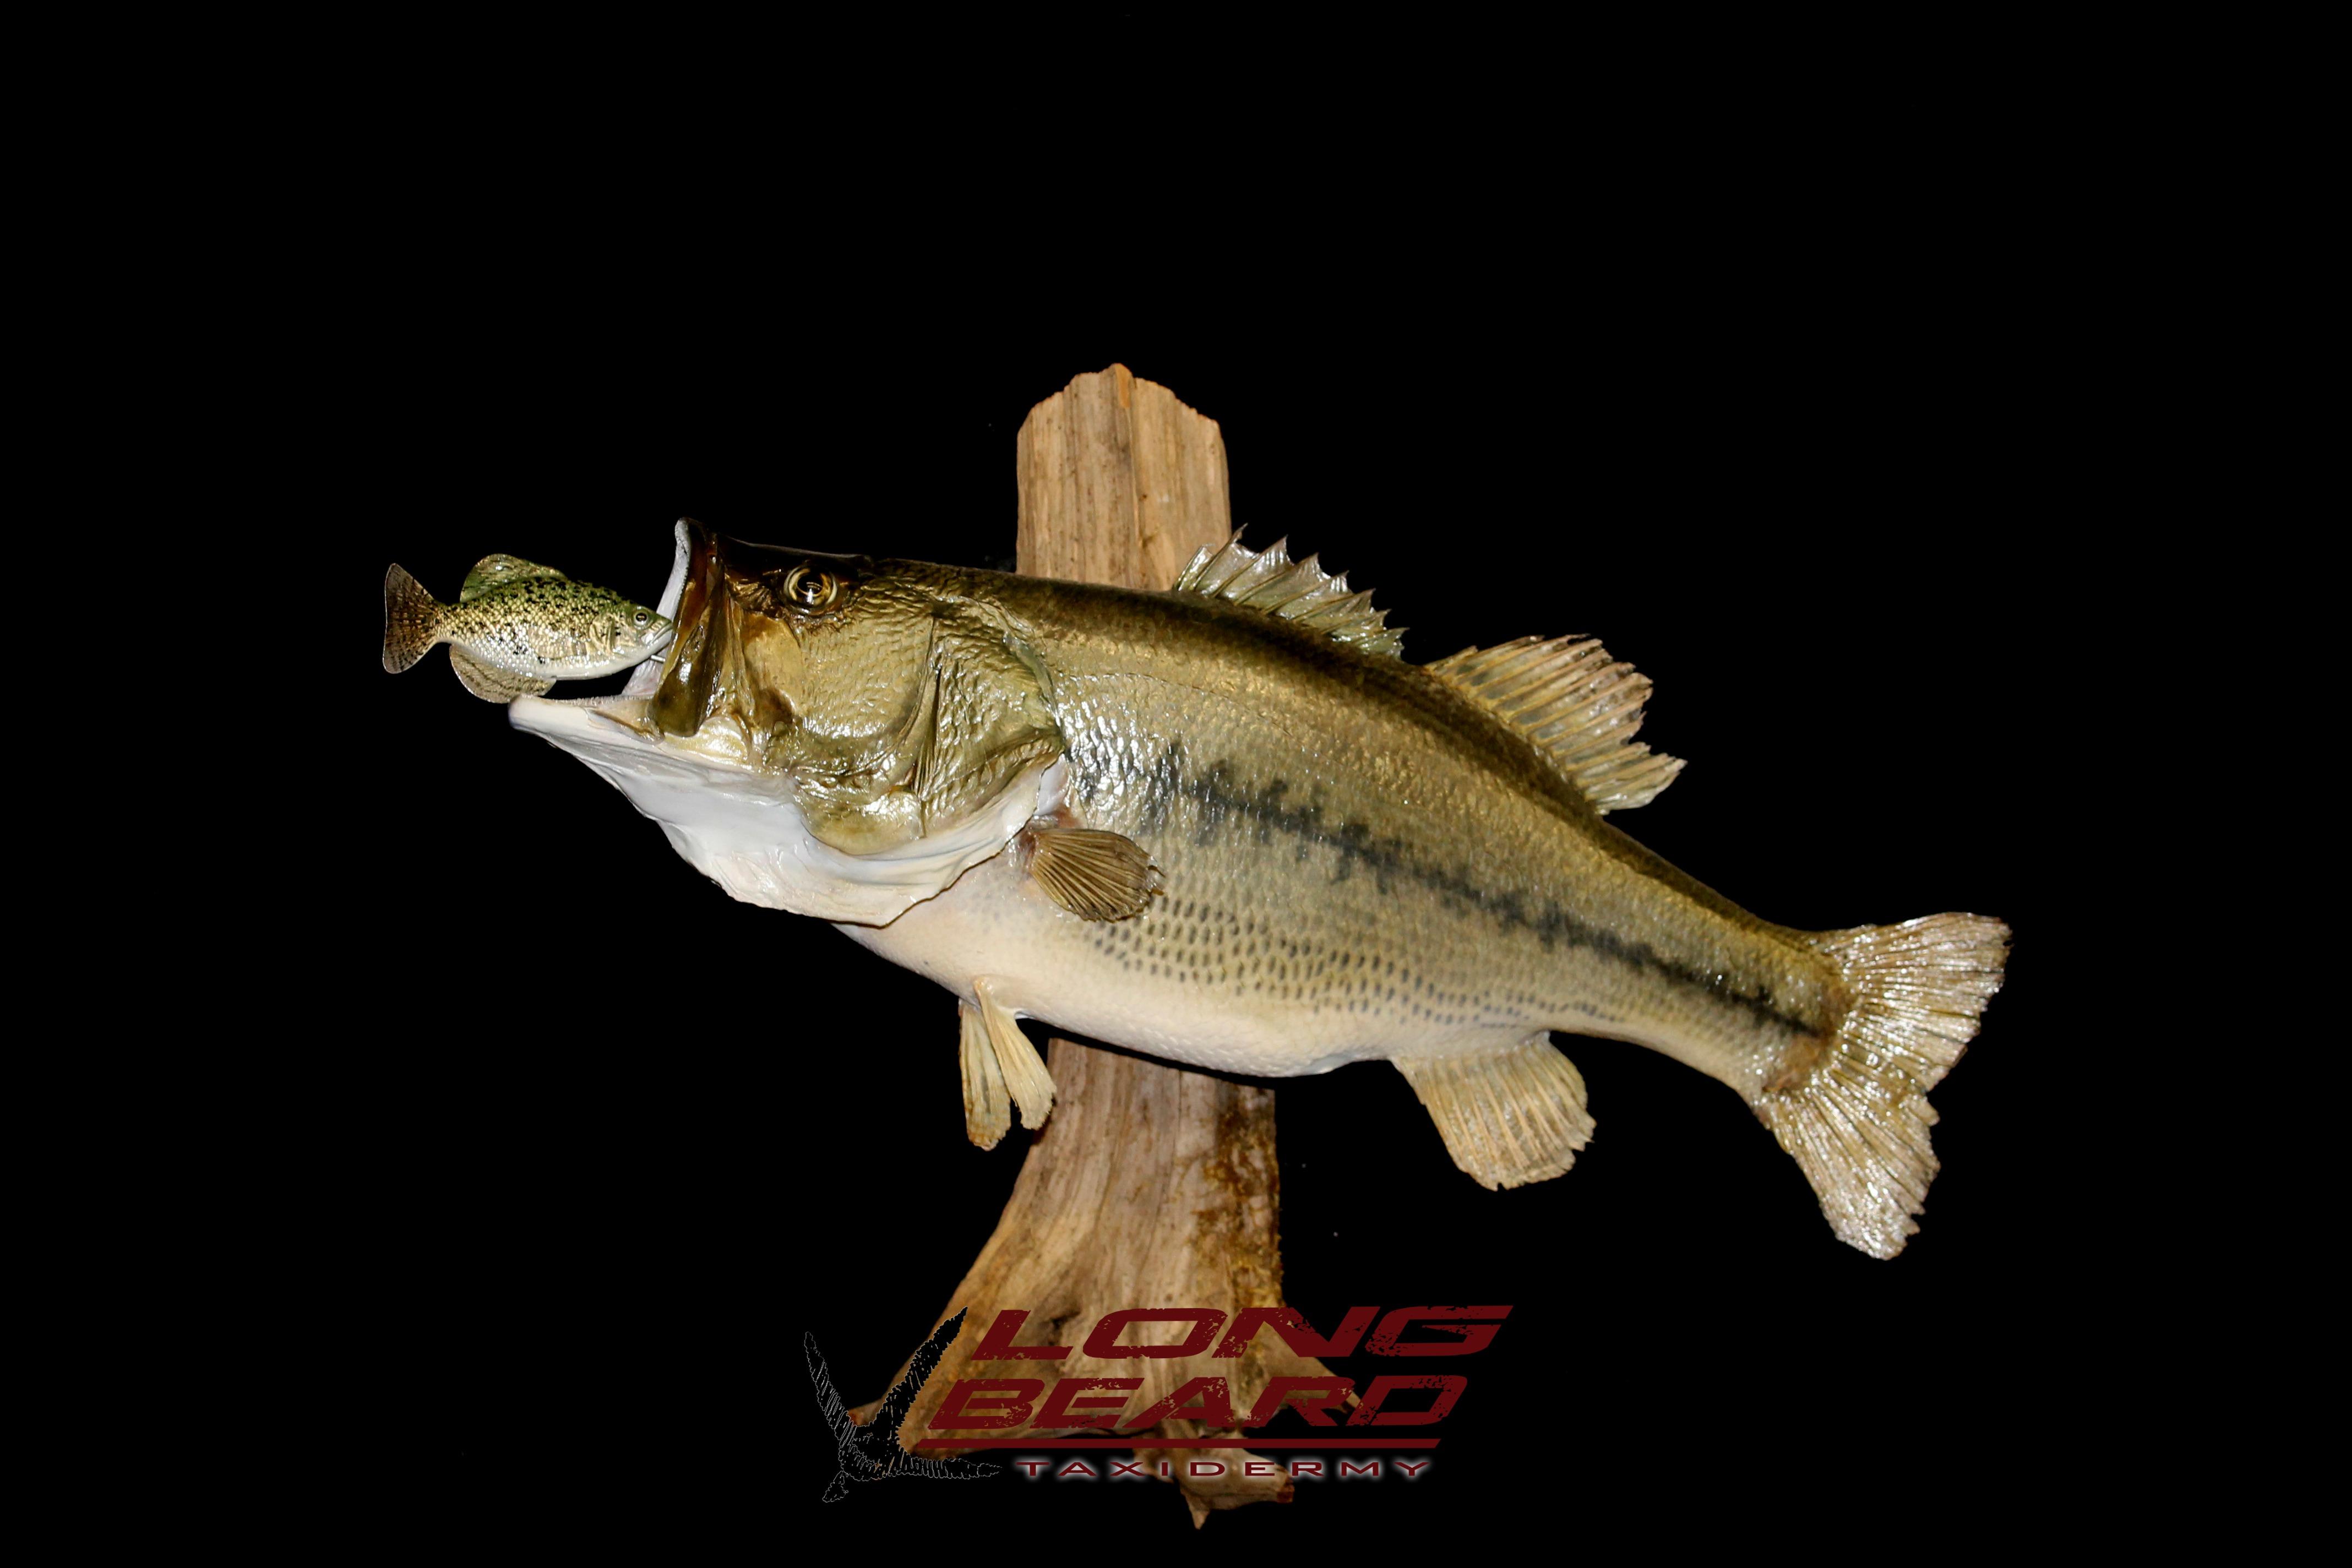 8lb-bass